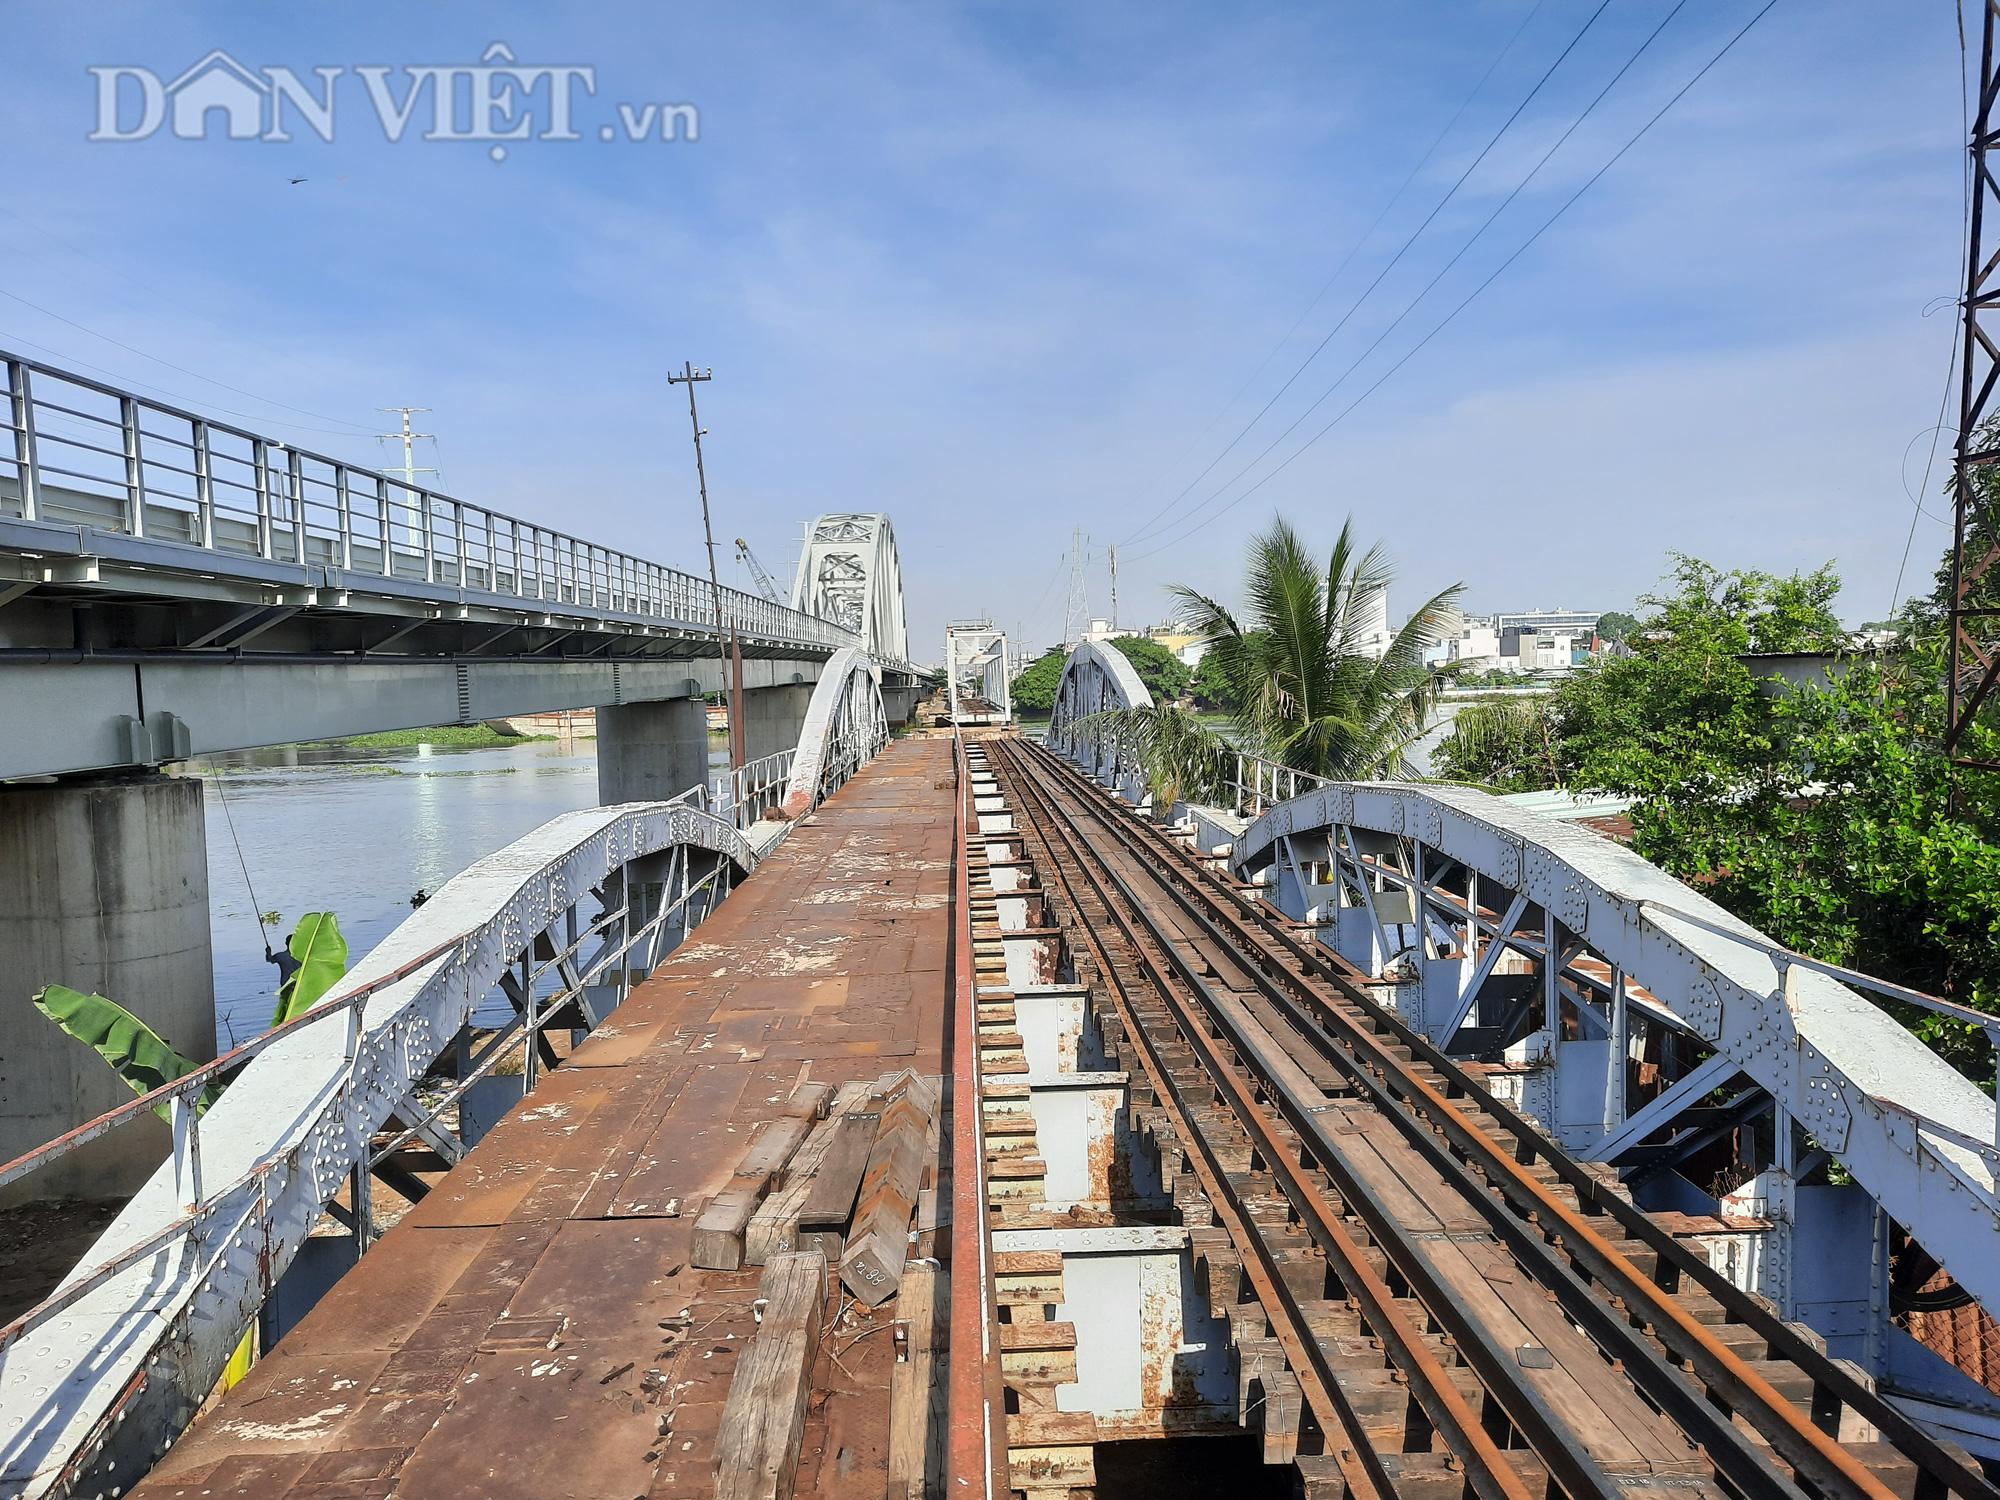 Hết ùn tắc giao thông đường thủy tại cầu sắt Bình Lợi - Ảnh 5.